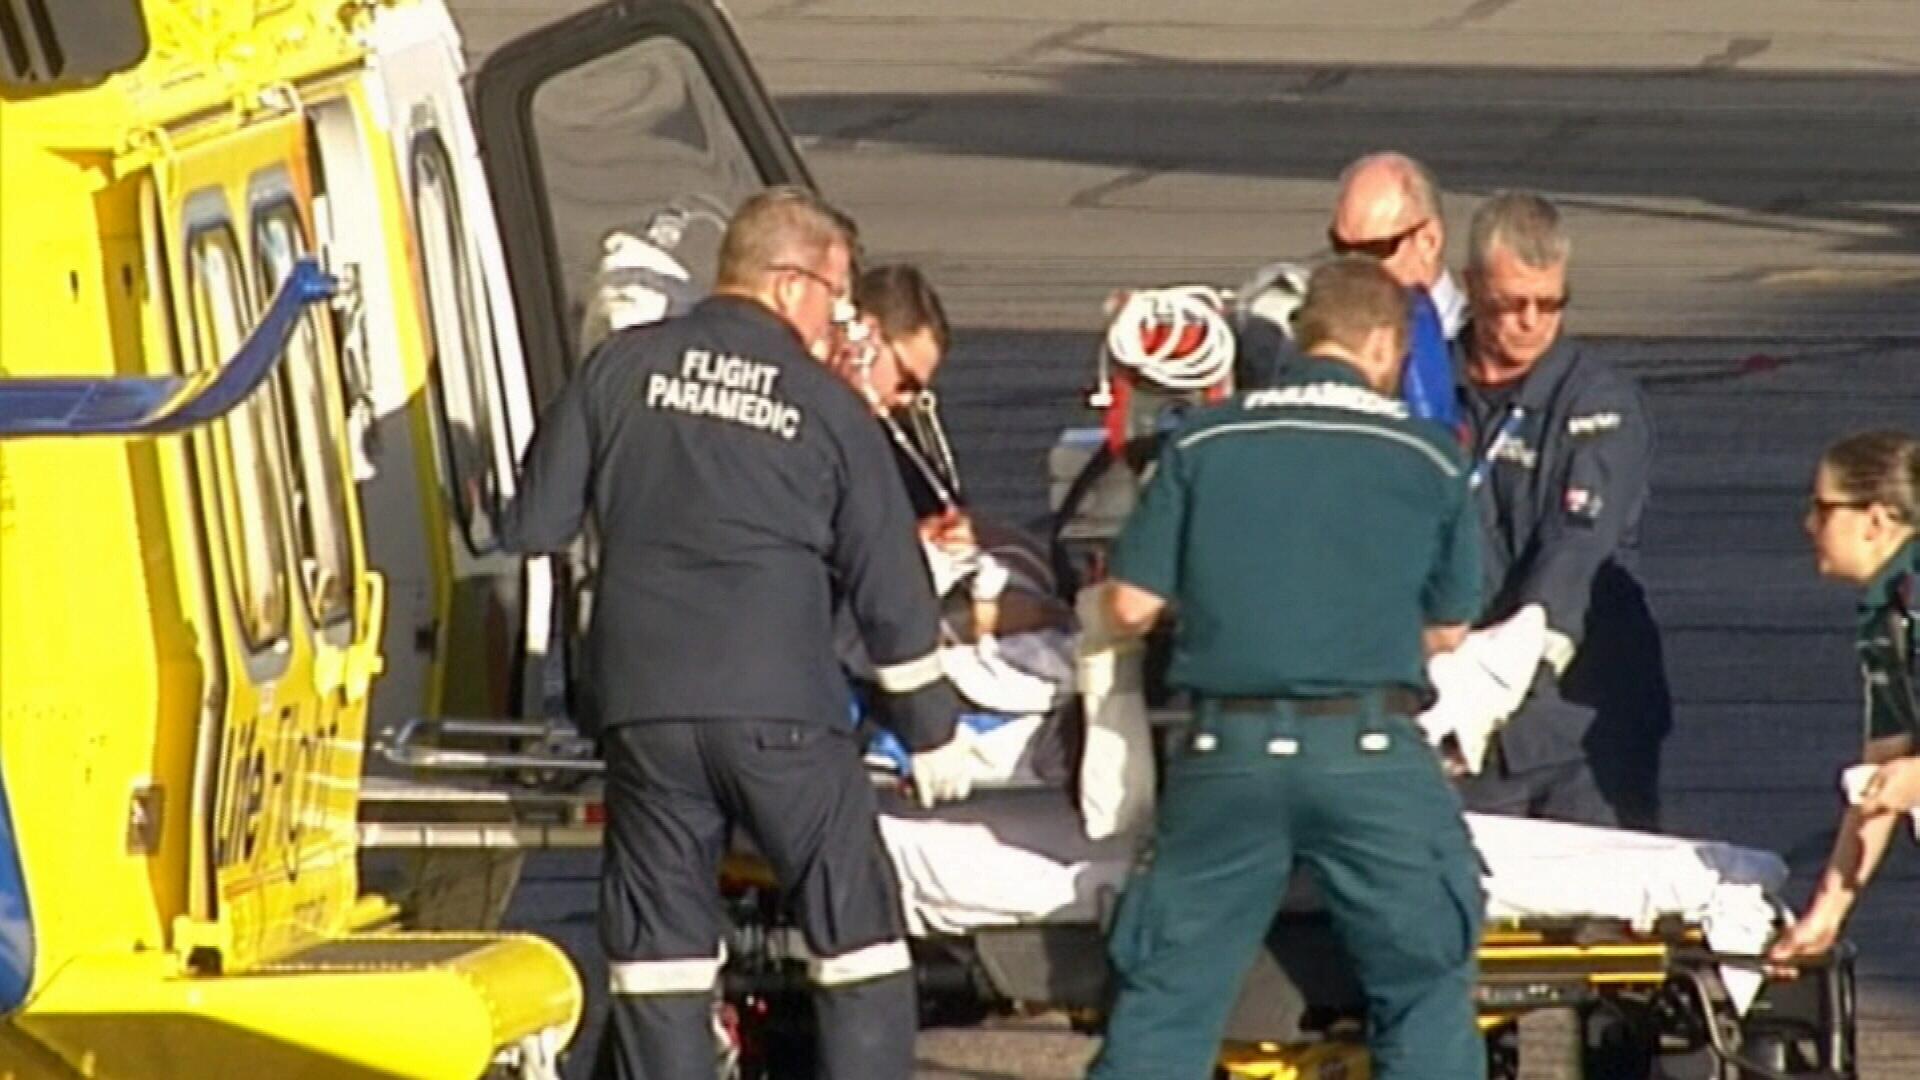 Guard bashed in brutal Queensland prison attack